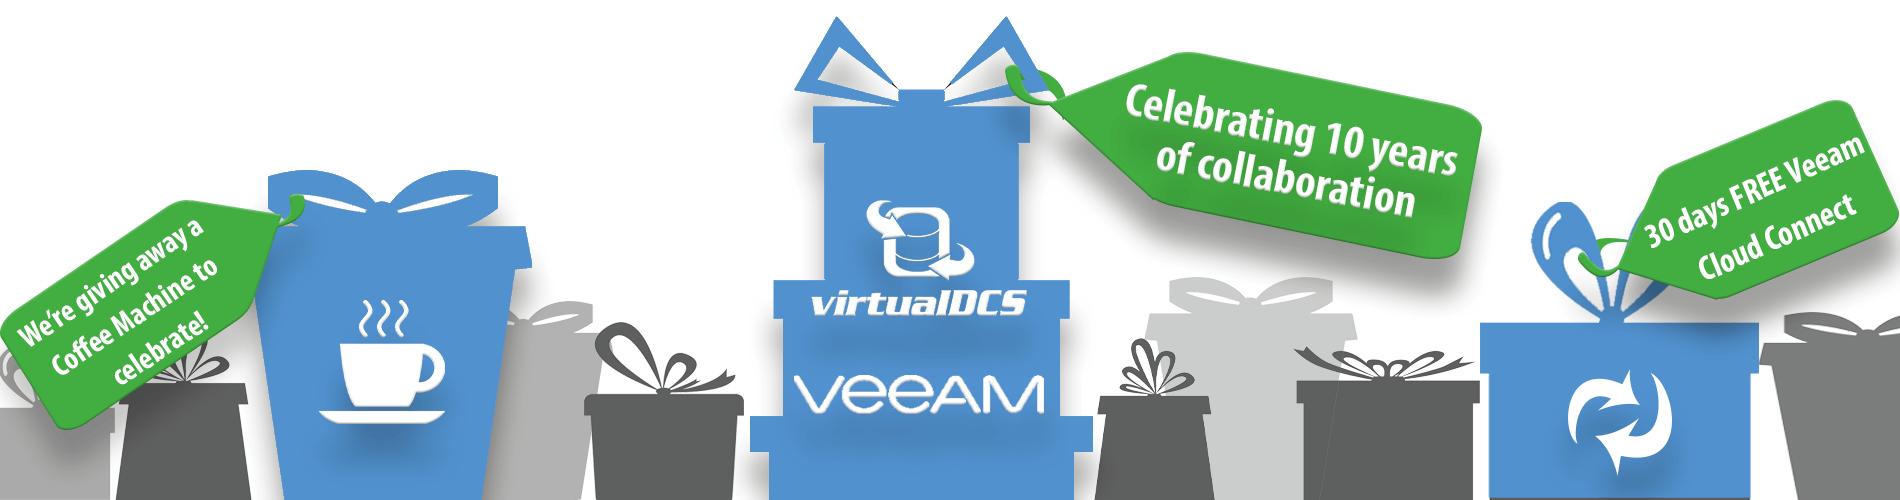 veeam cloud connect partner - virtualDCS